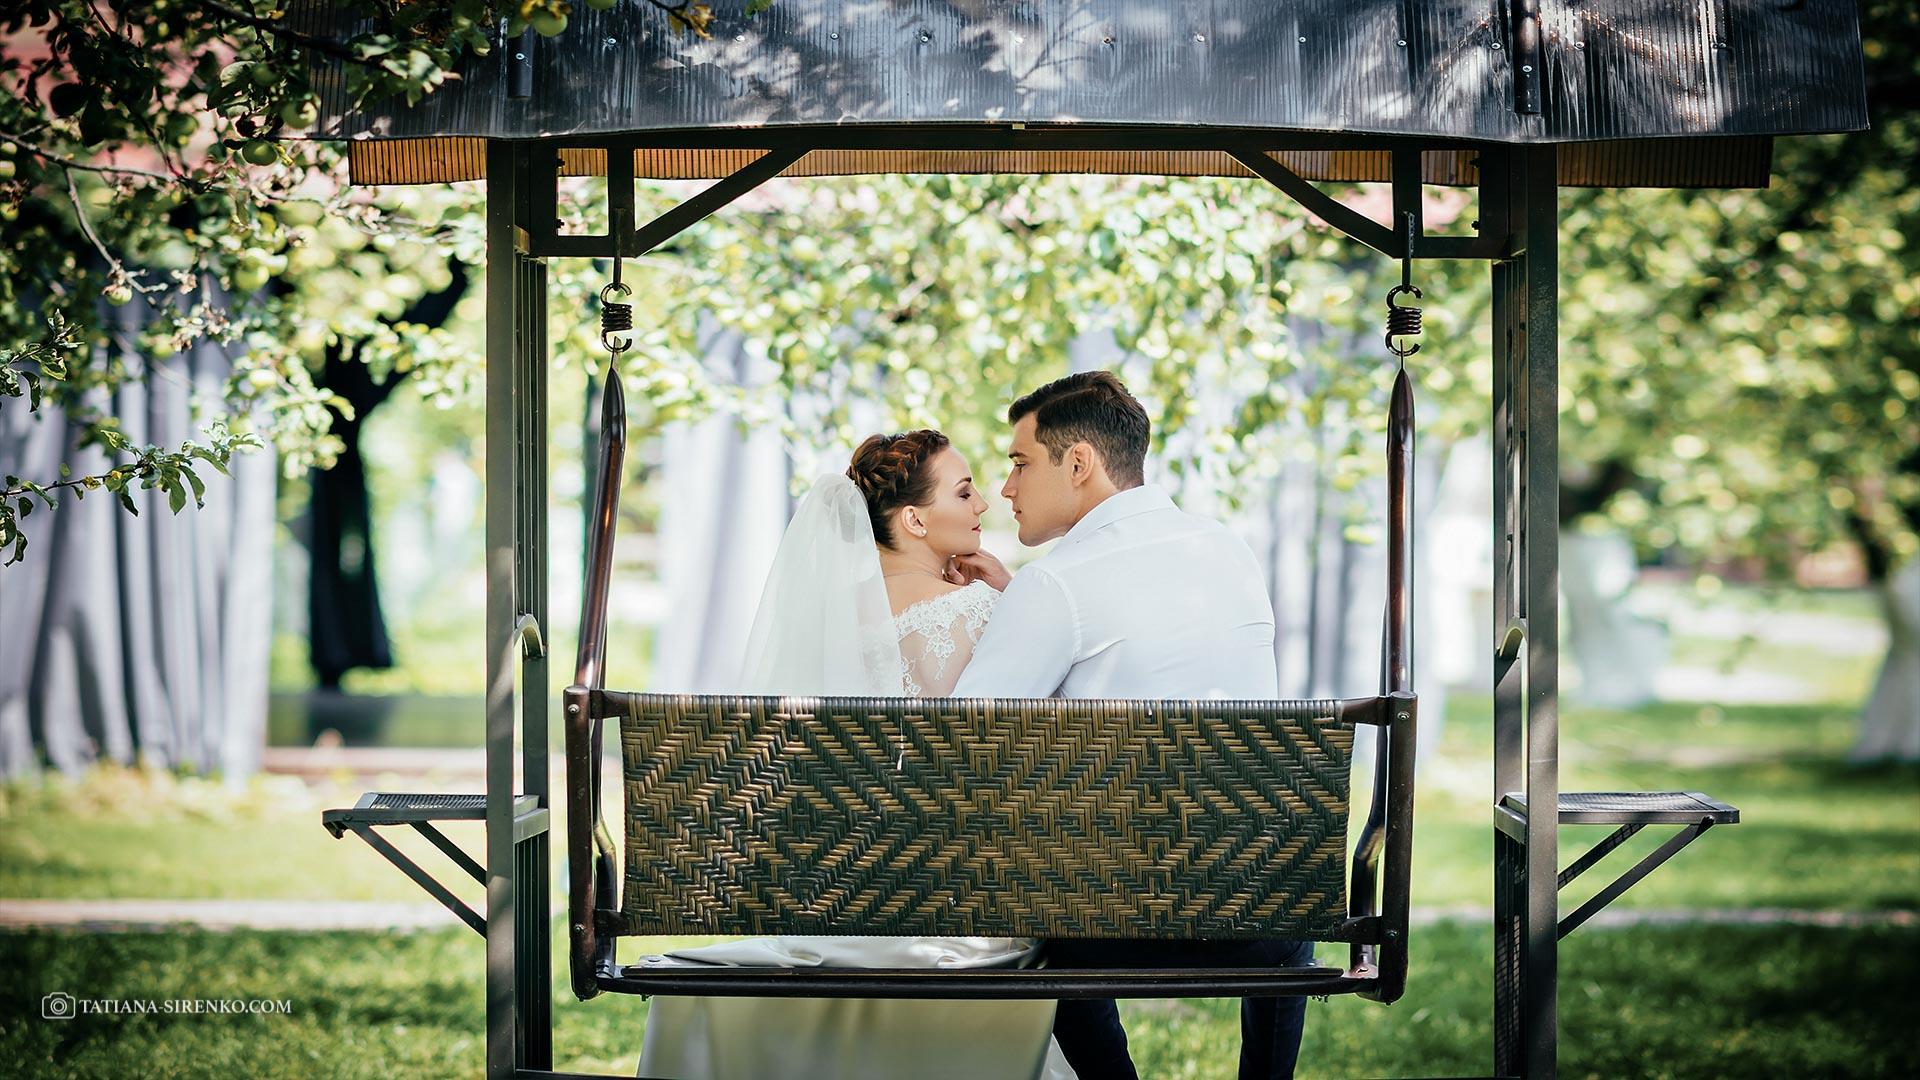 Фотосъемка свадьбыв саду